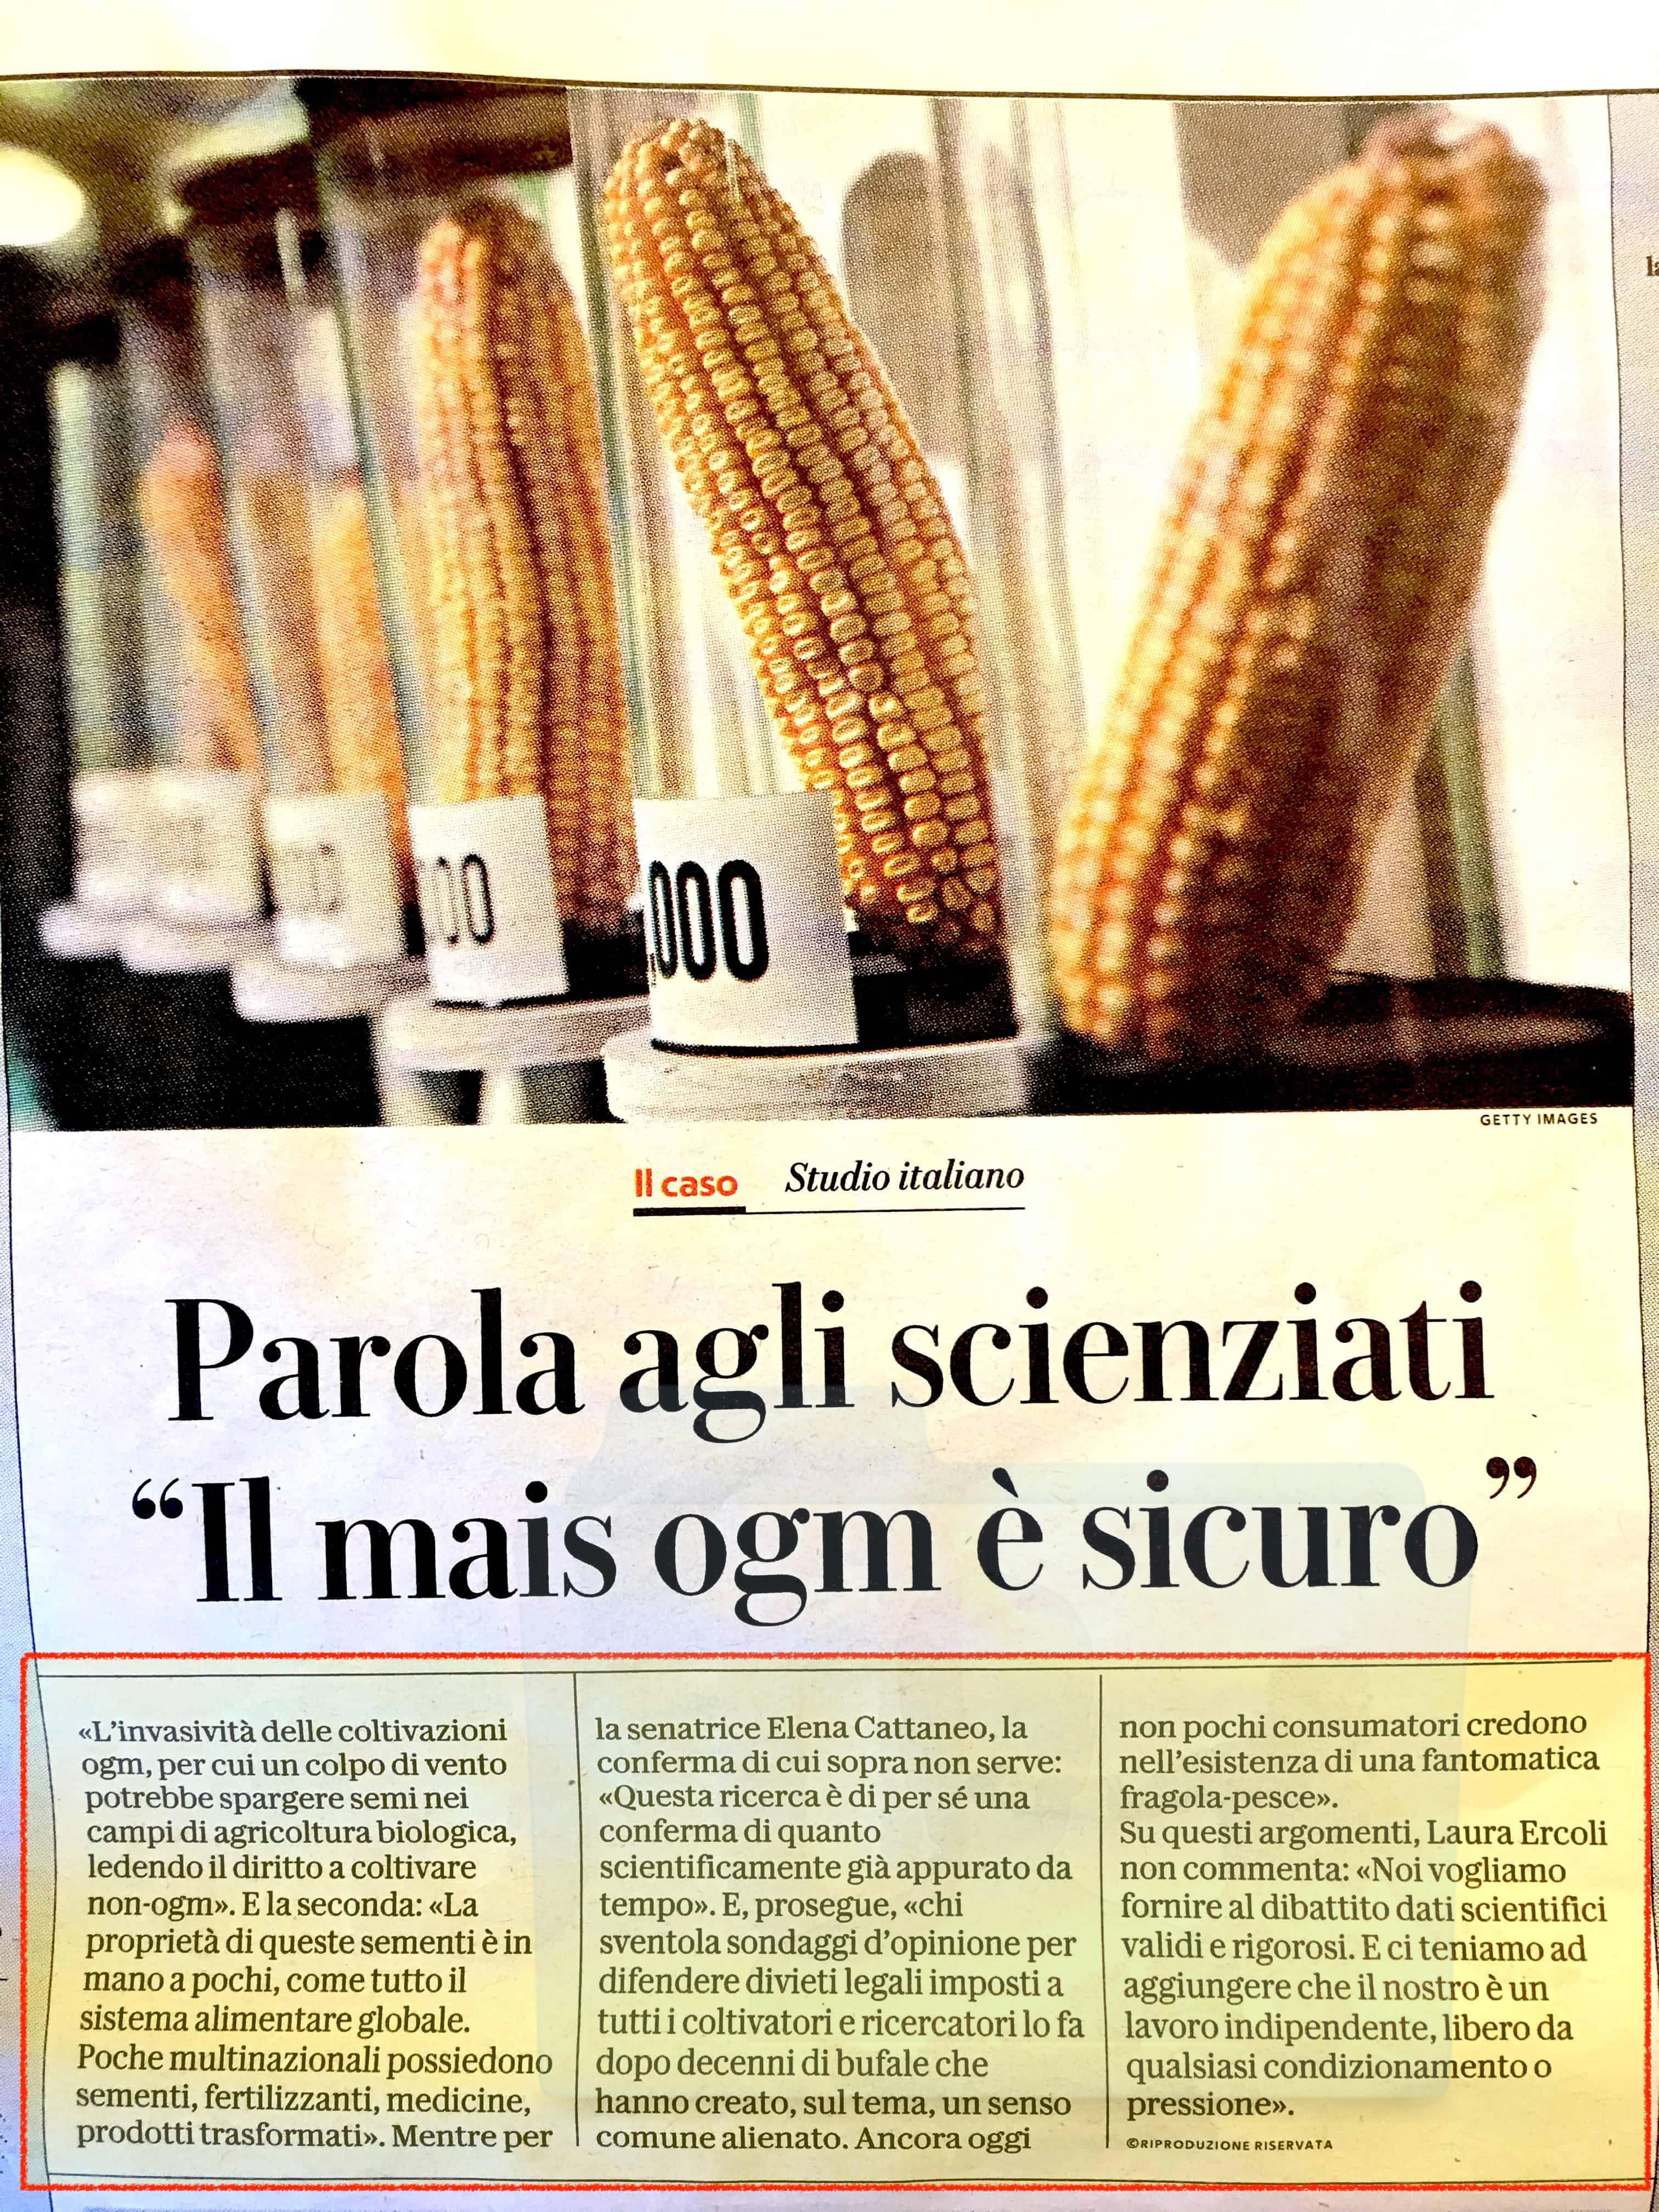 Un articolo di giornale che presenta il risultato di uno studio sugli organismi geneticamente modificati